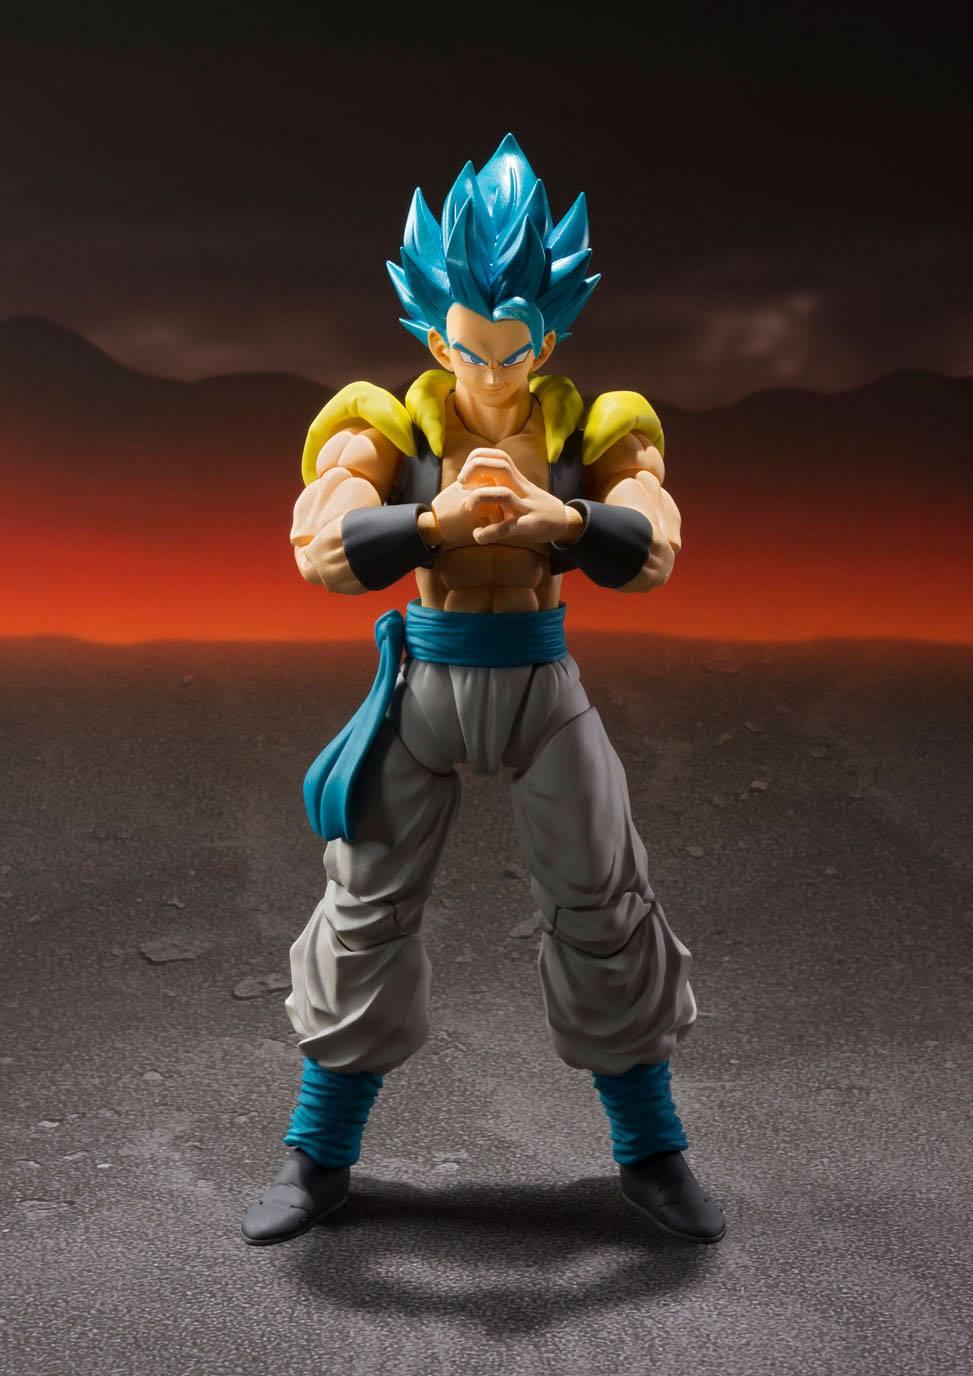 Dragon Ball Super Saiyan 4 Goku Gogeta Super Broli Action Figure Anime Toys